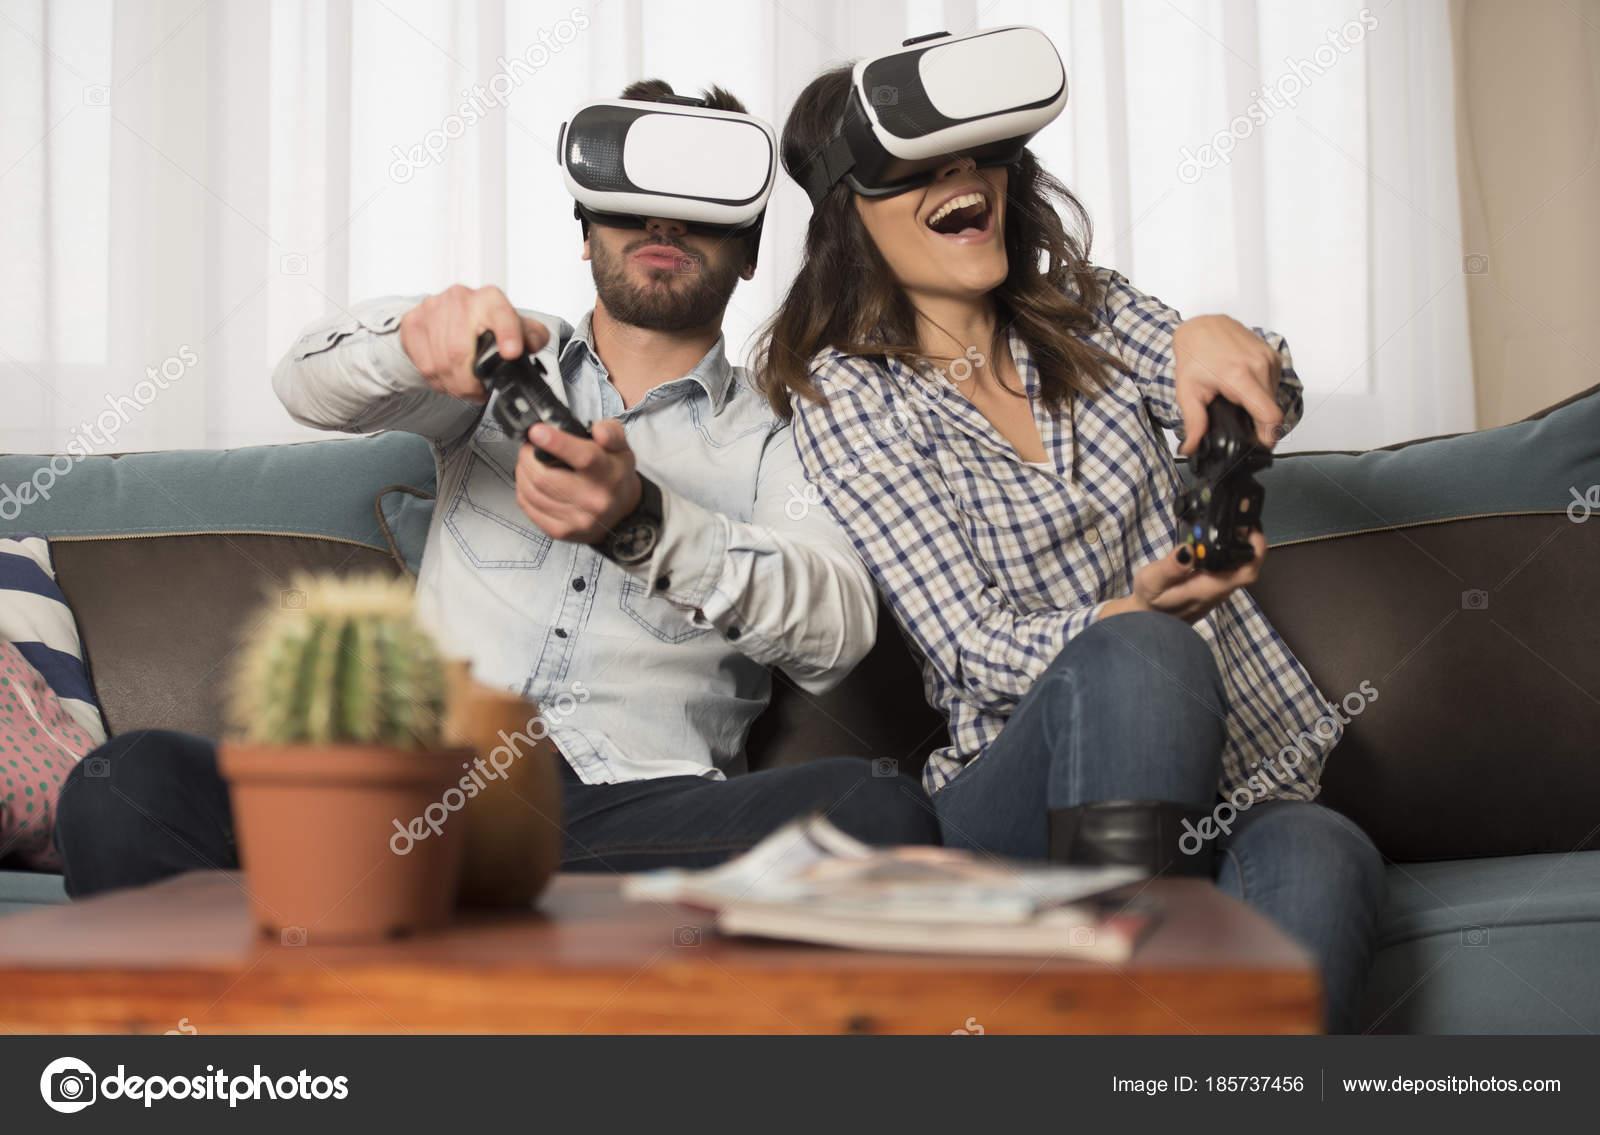 20cbb537db38ab Amis Jouer Aux Jeux Vidéos Portez Des Lunettes Réalité Virtuelle — Photo